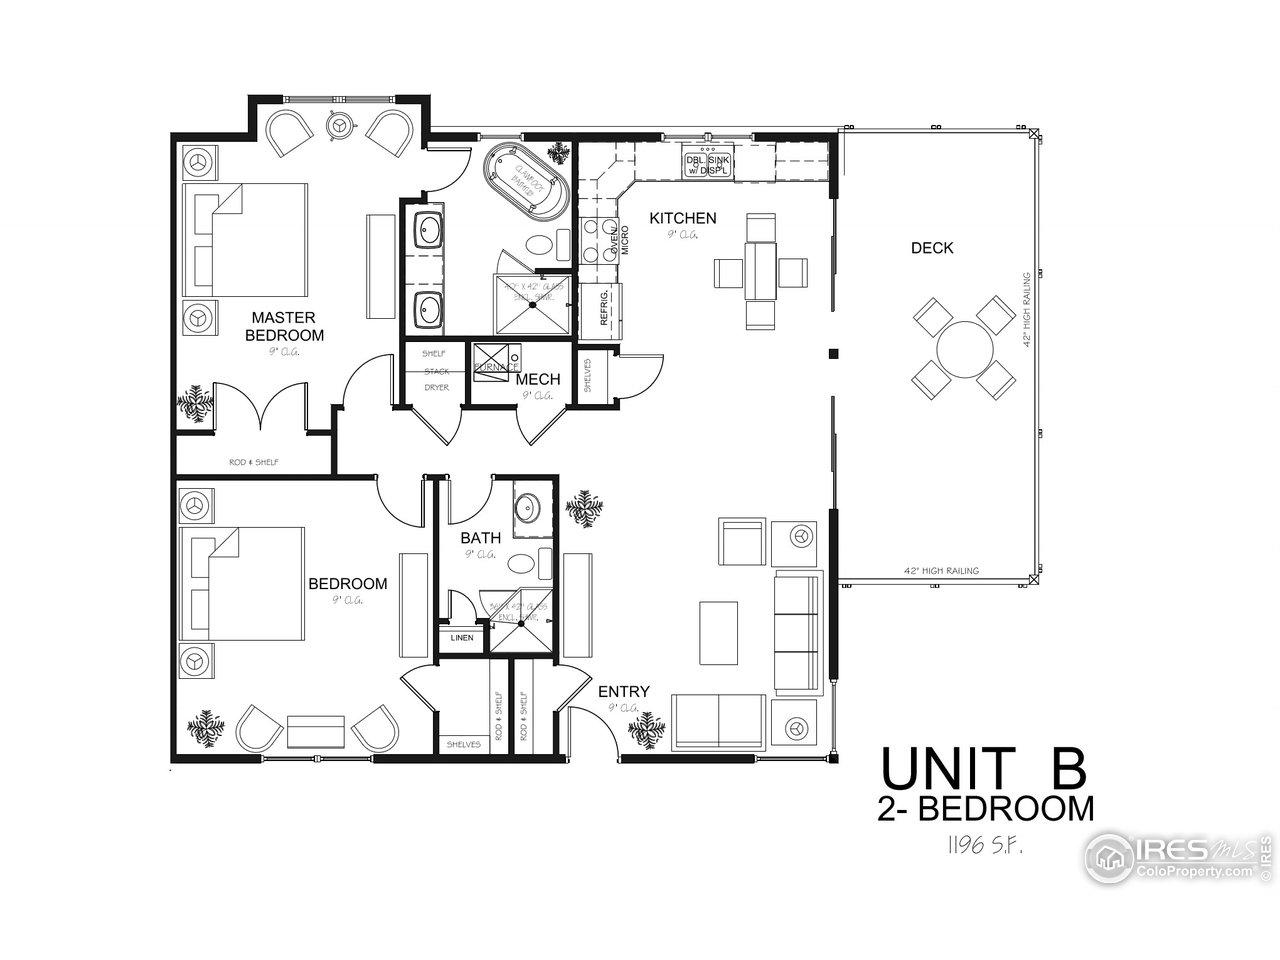 Oasis 2 Bedroom Unit B Floor Plan